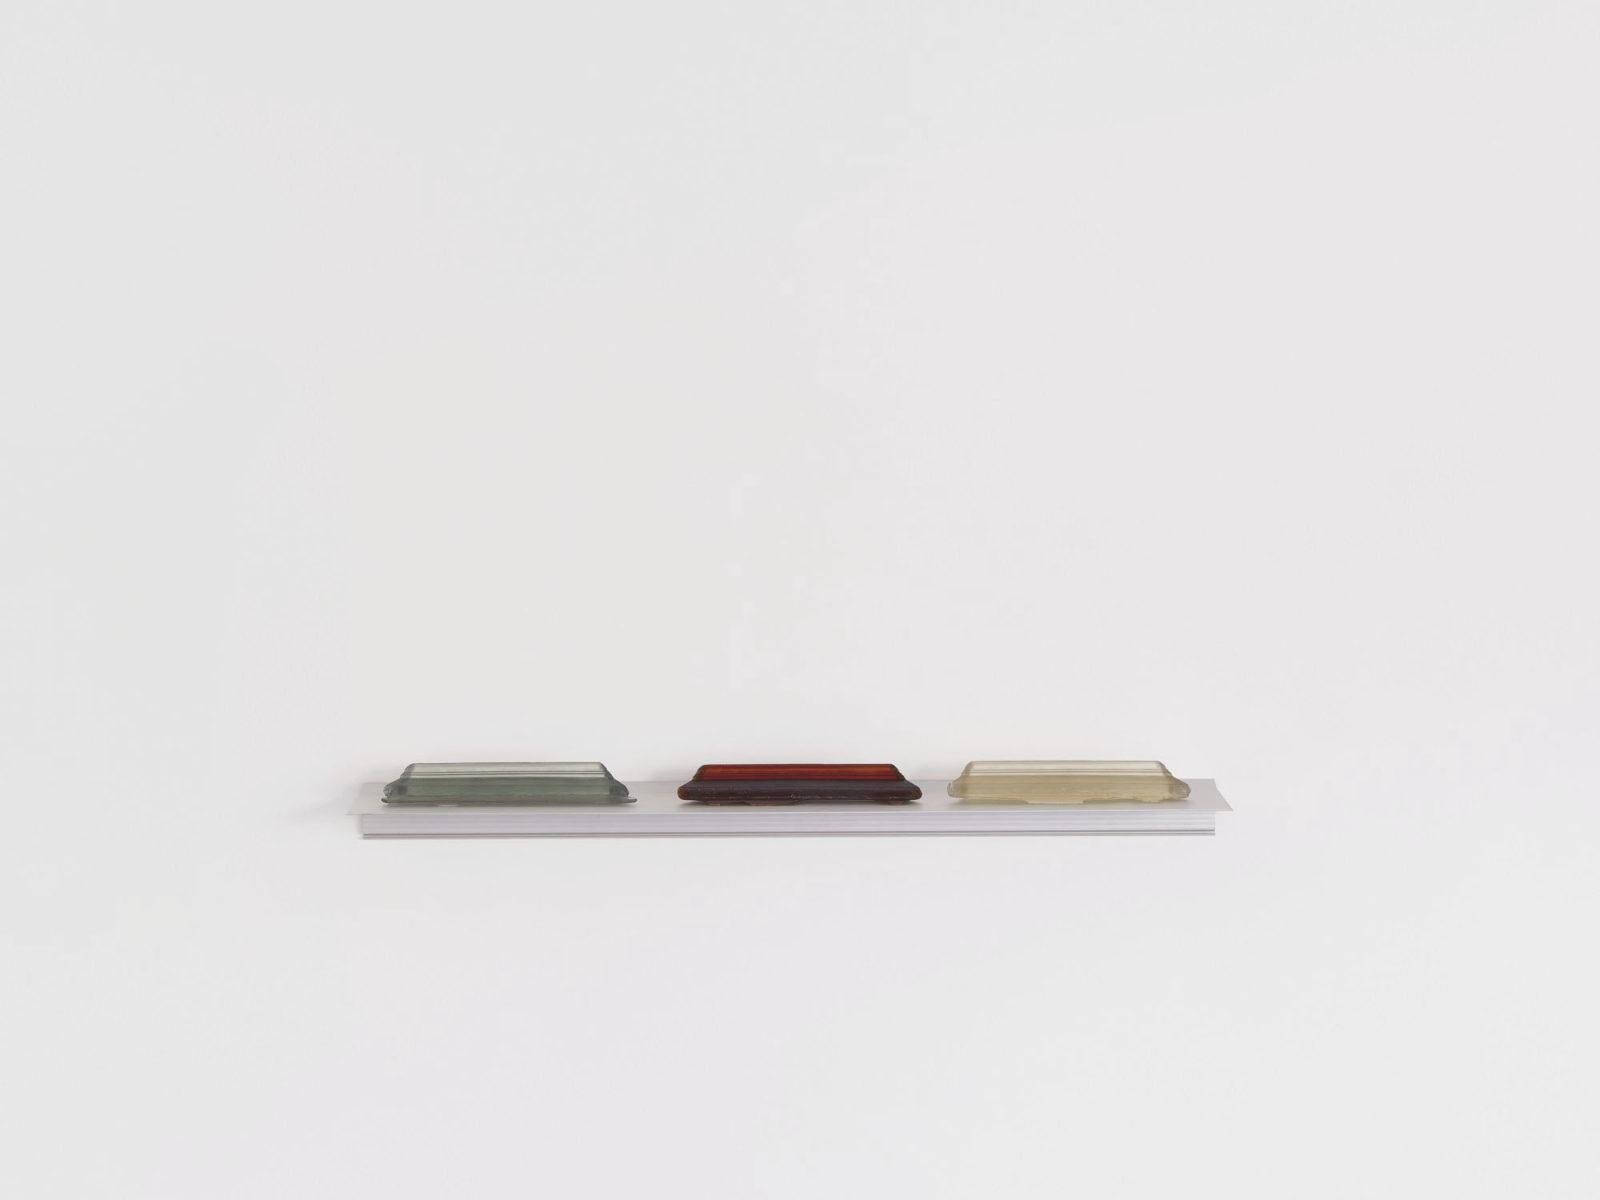 Penzo+Fiore, IlQuartoStato (self-portrait), 2019, Murano glass sculpture, ph. G. Cecchinato